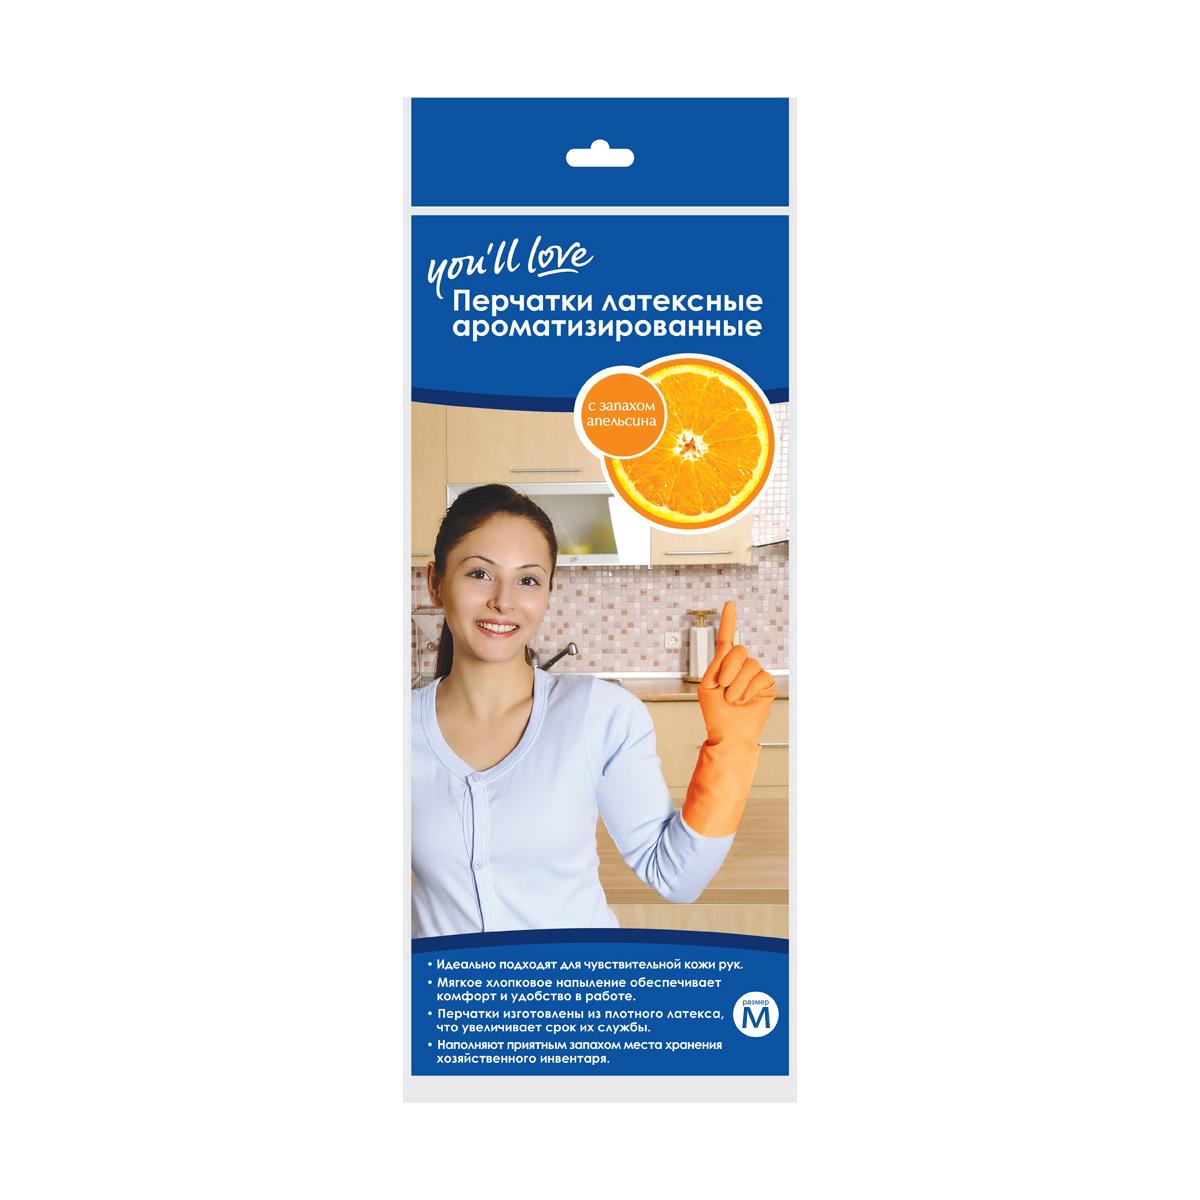 Перчатки латексные ароматизированные Youll love, аромат апельсина. Размер M60313_размер MПерчатки латексные ароматизированные Youll love с хлопковым напылением защищают ваши руки от загрязнений, воздействия моющих и чистящих средств. Приятный аромат при использовании и в местах хранения. Плотный латекс увеличивает срок службы перчаток. Рифленая поверхность в области ладони защищает от скольжения.